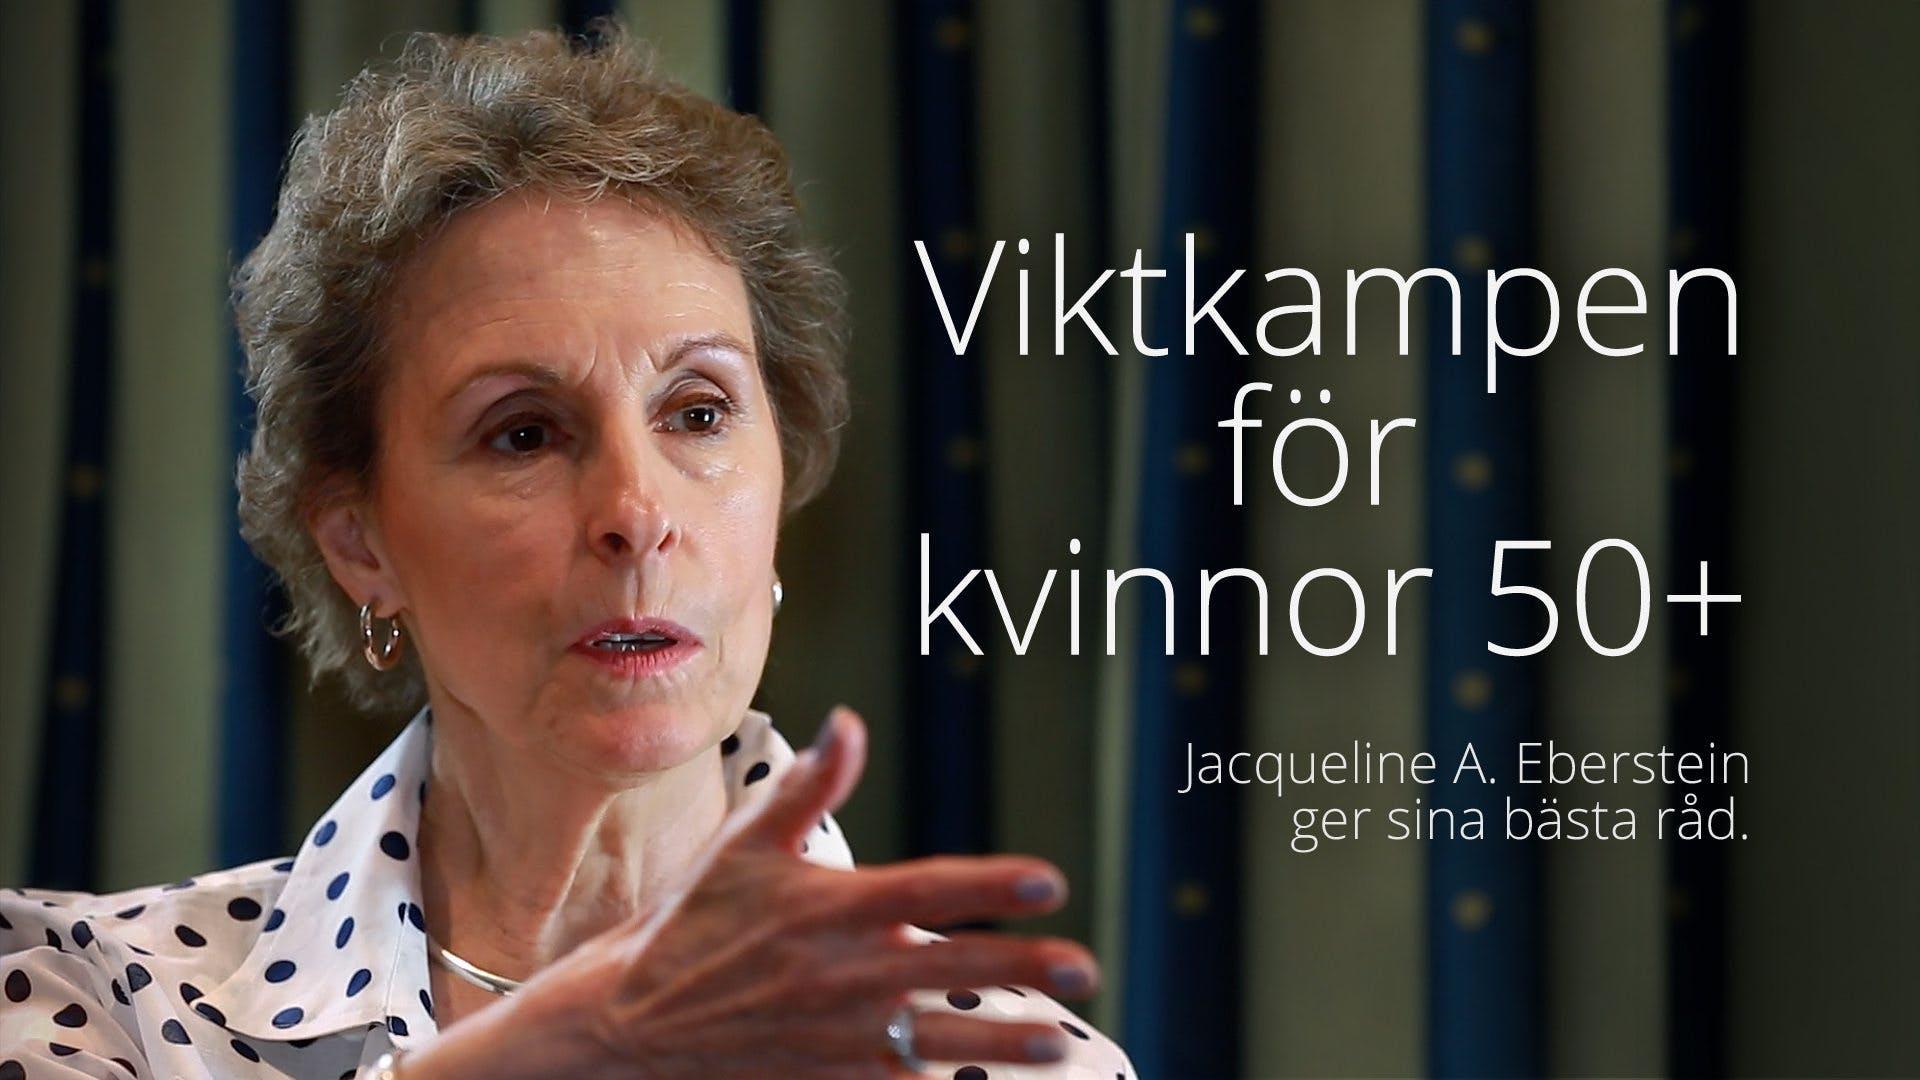 Viktkampen för kvinnor 50+ - Jackie Eberstein